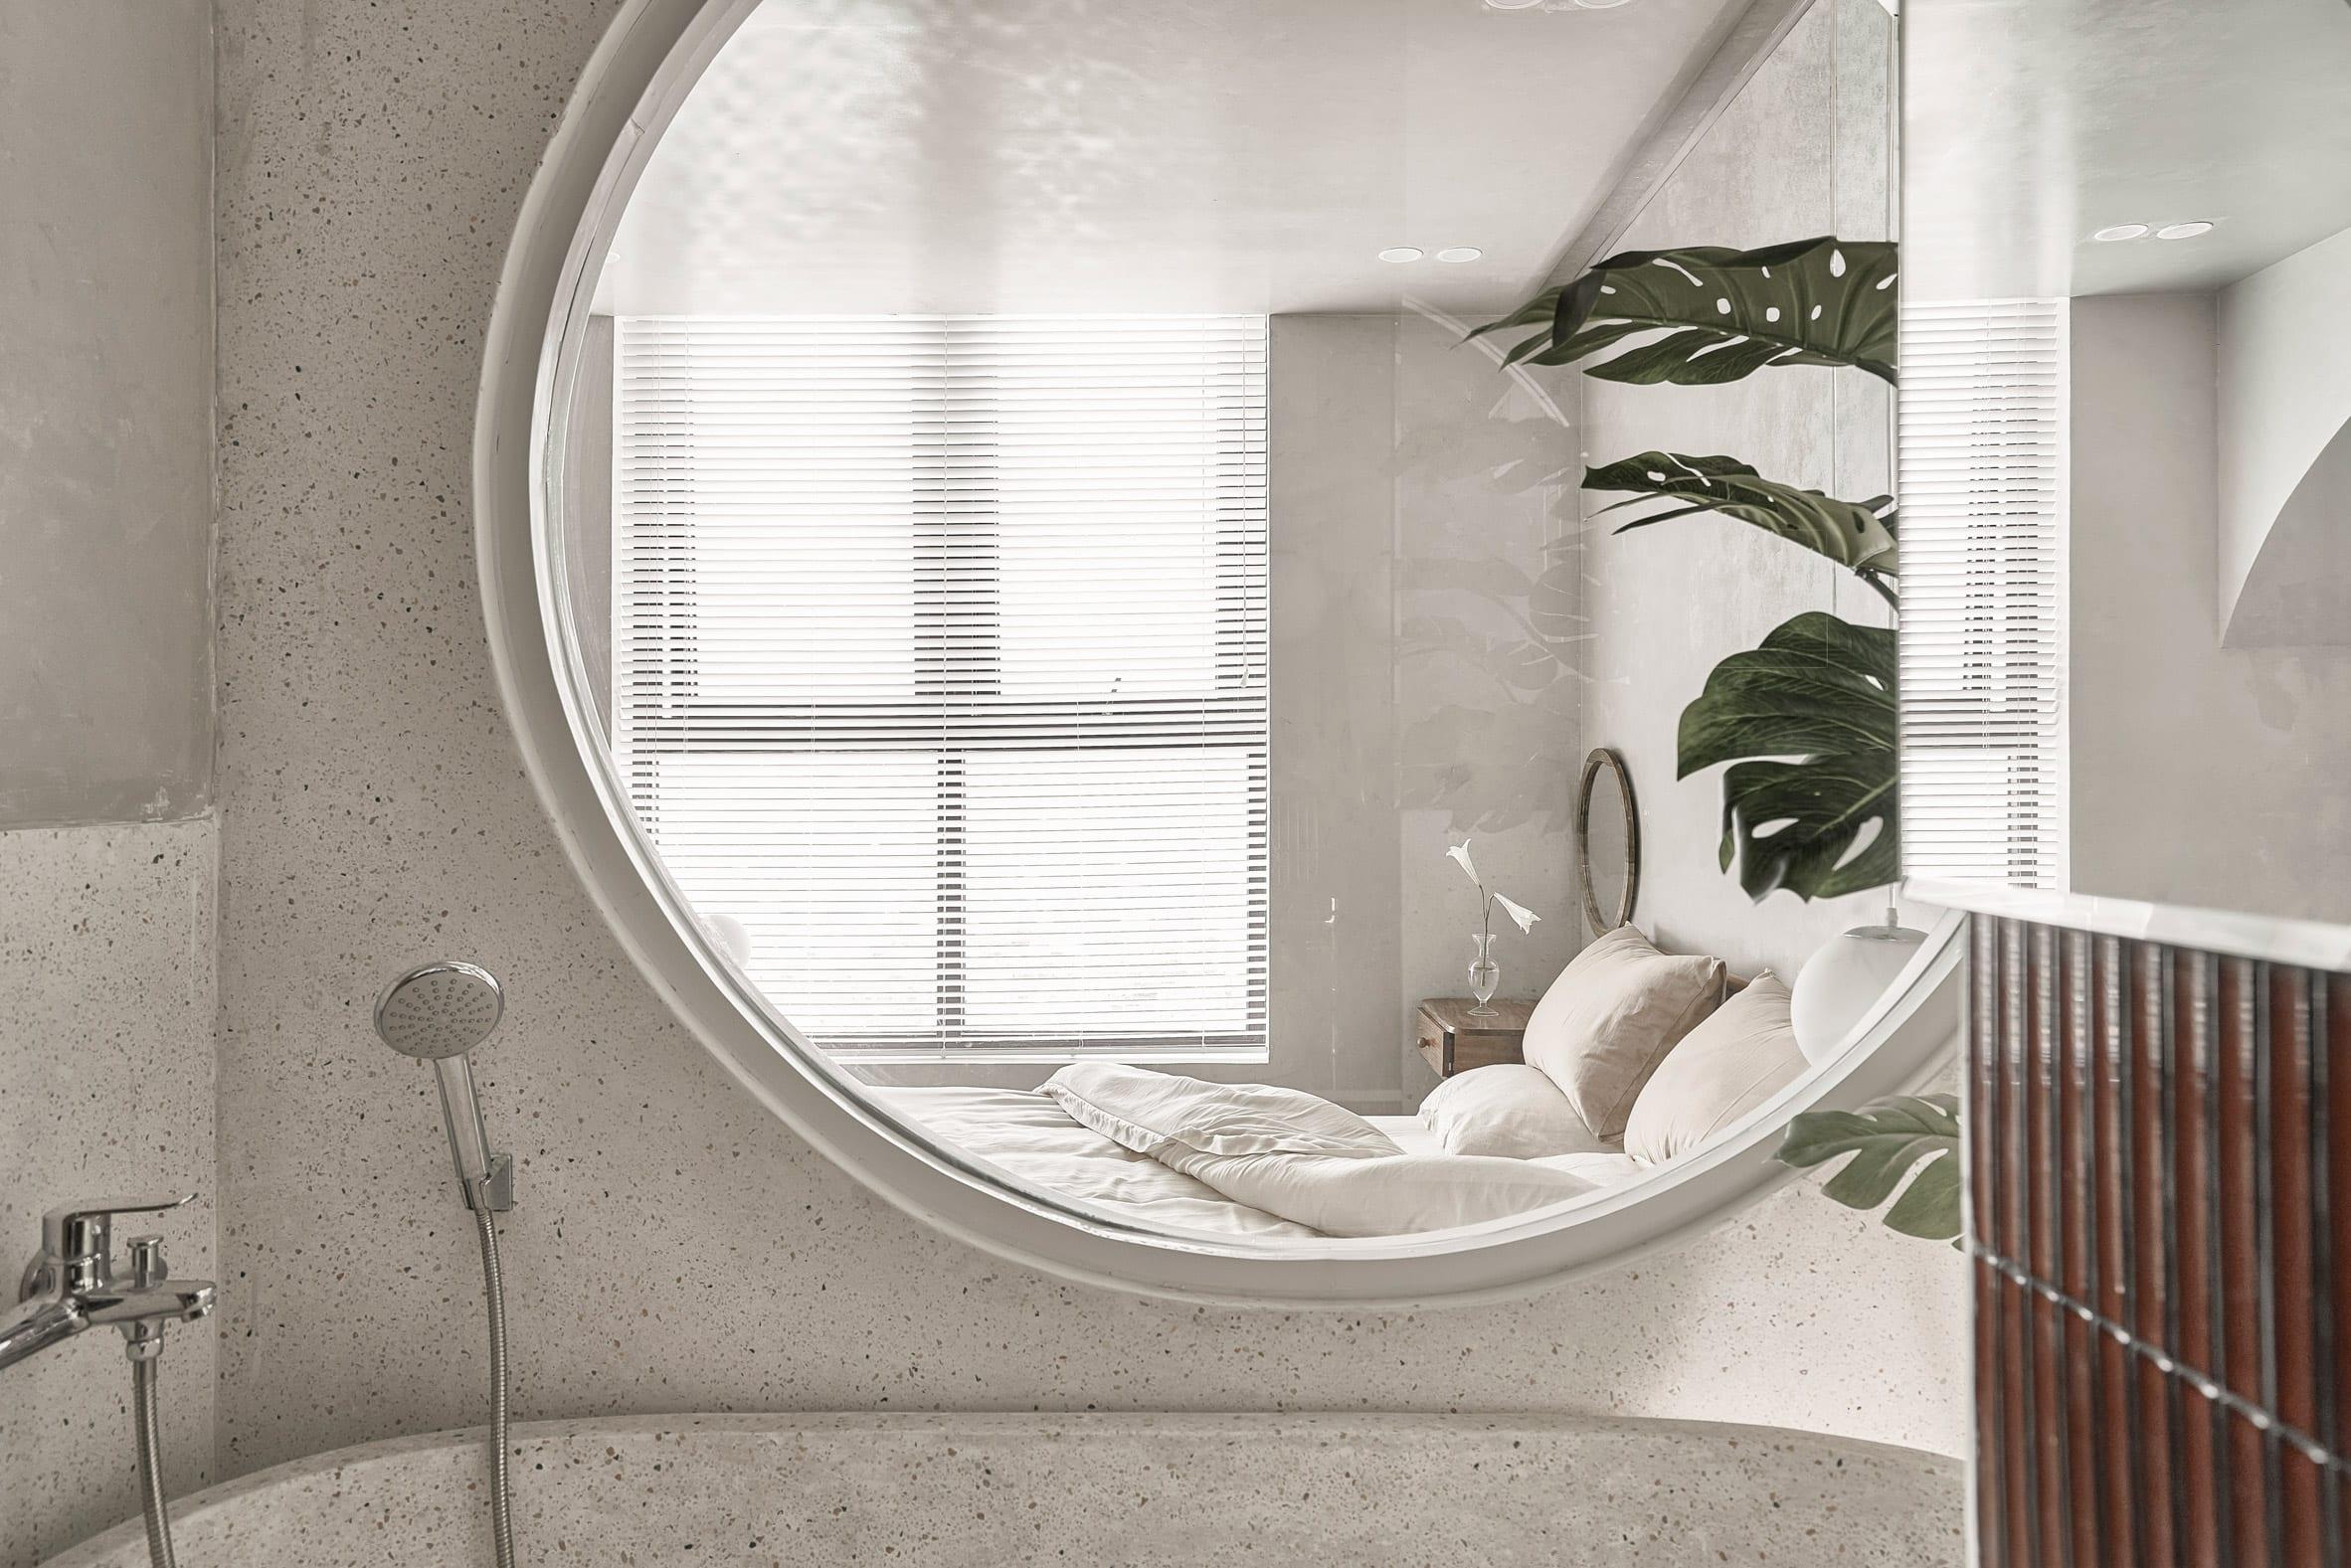 A terrazzo bathtub was placed in the en-suite